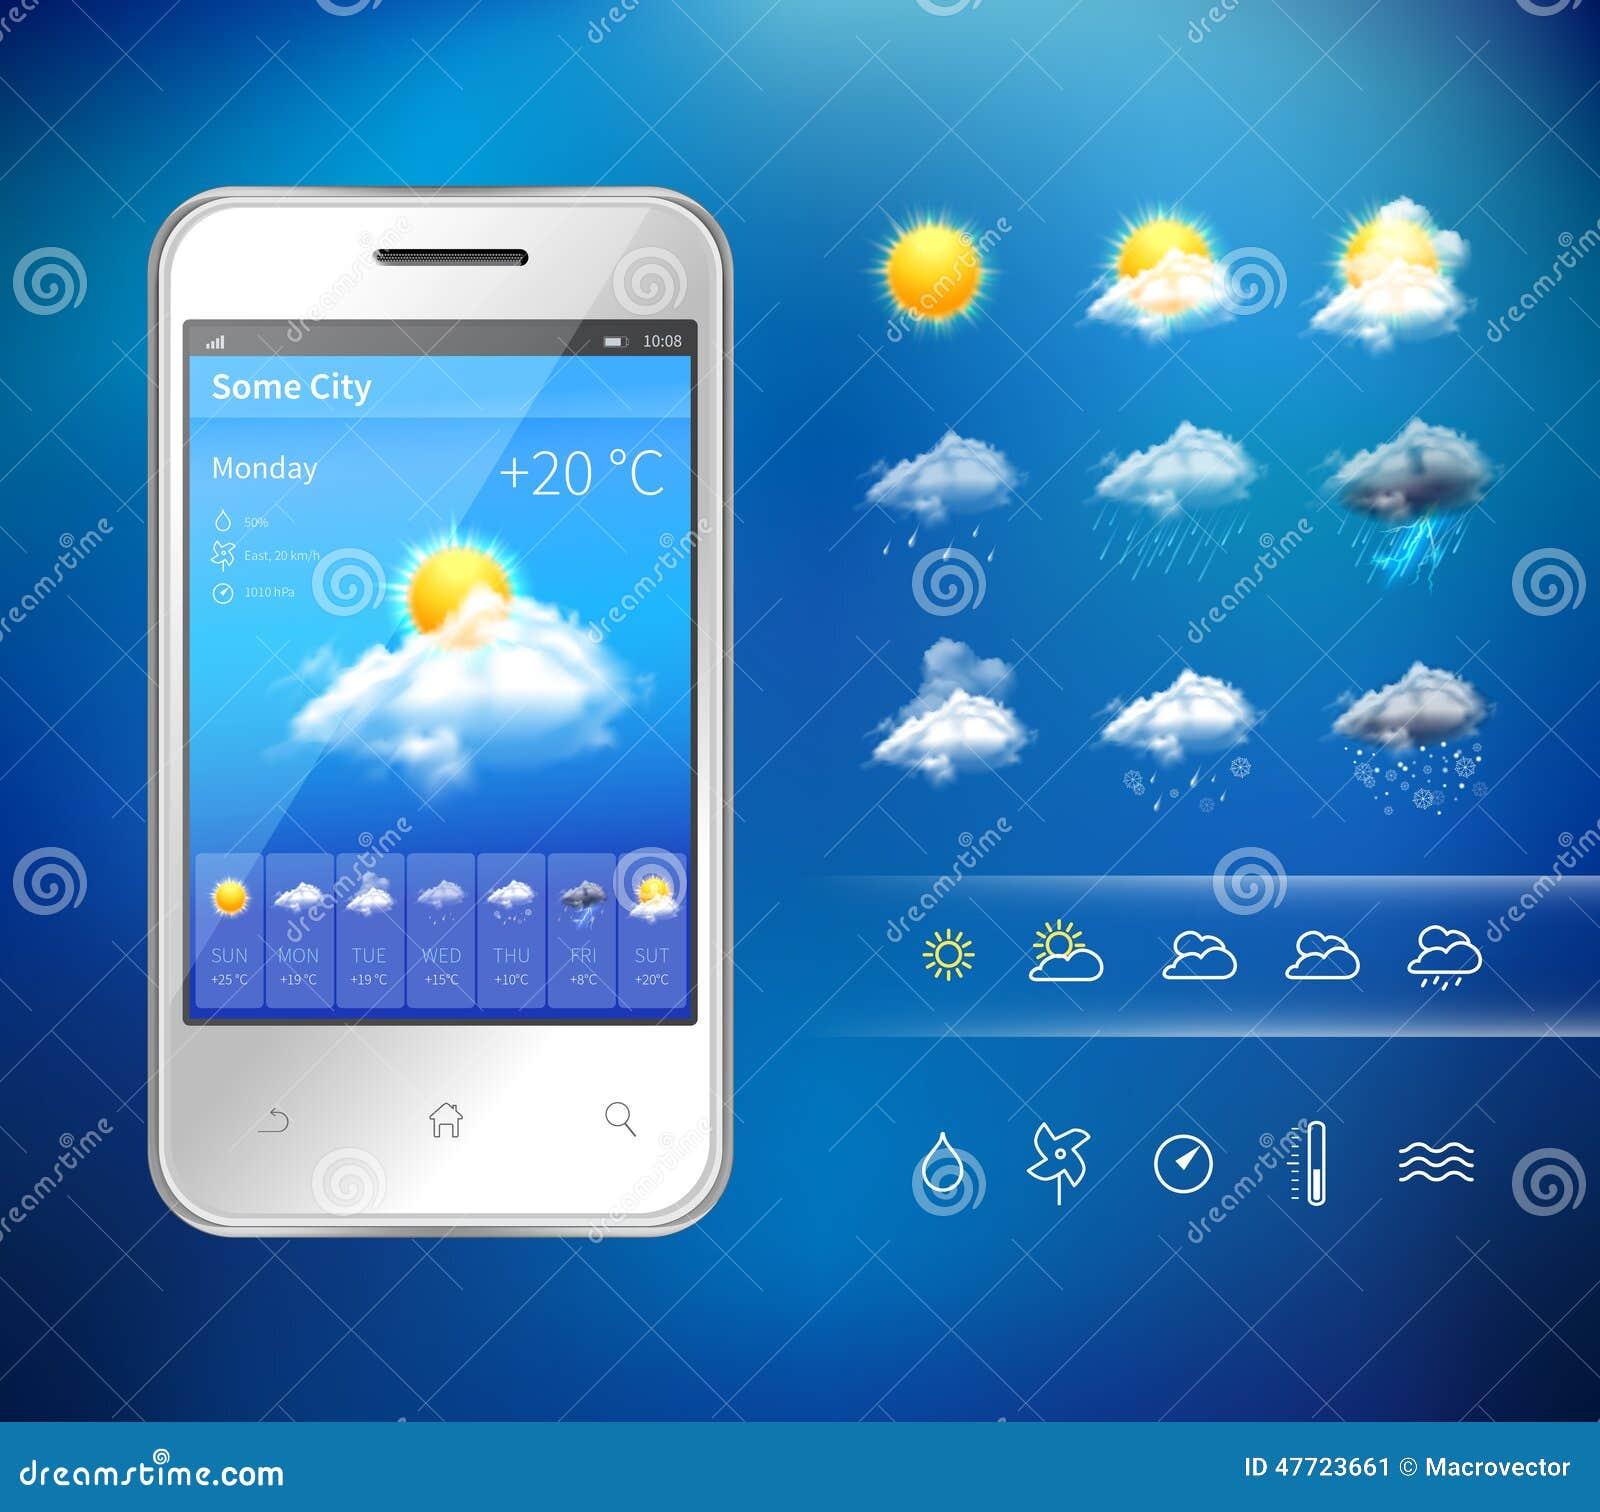 mobile weather application stock vector image 47723661. Black Bedroom Furniture Sets. Home Design Ideas